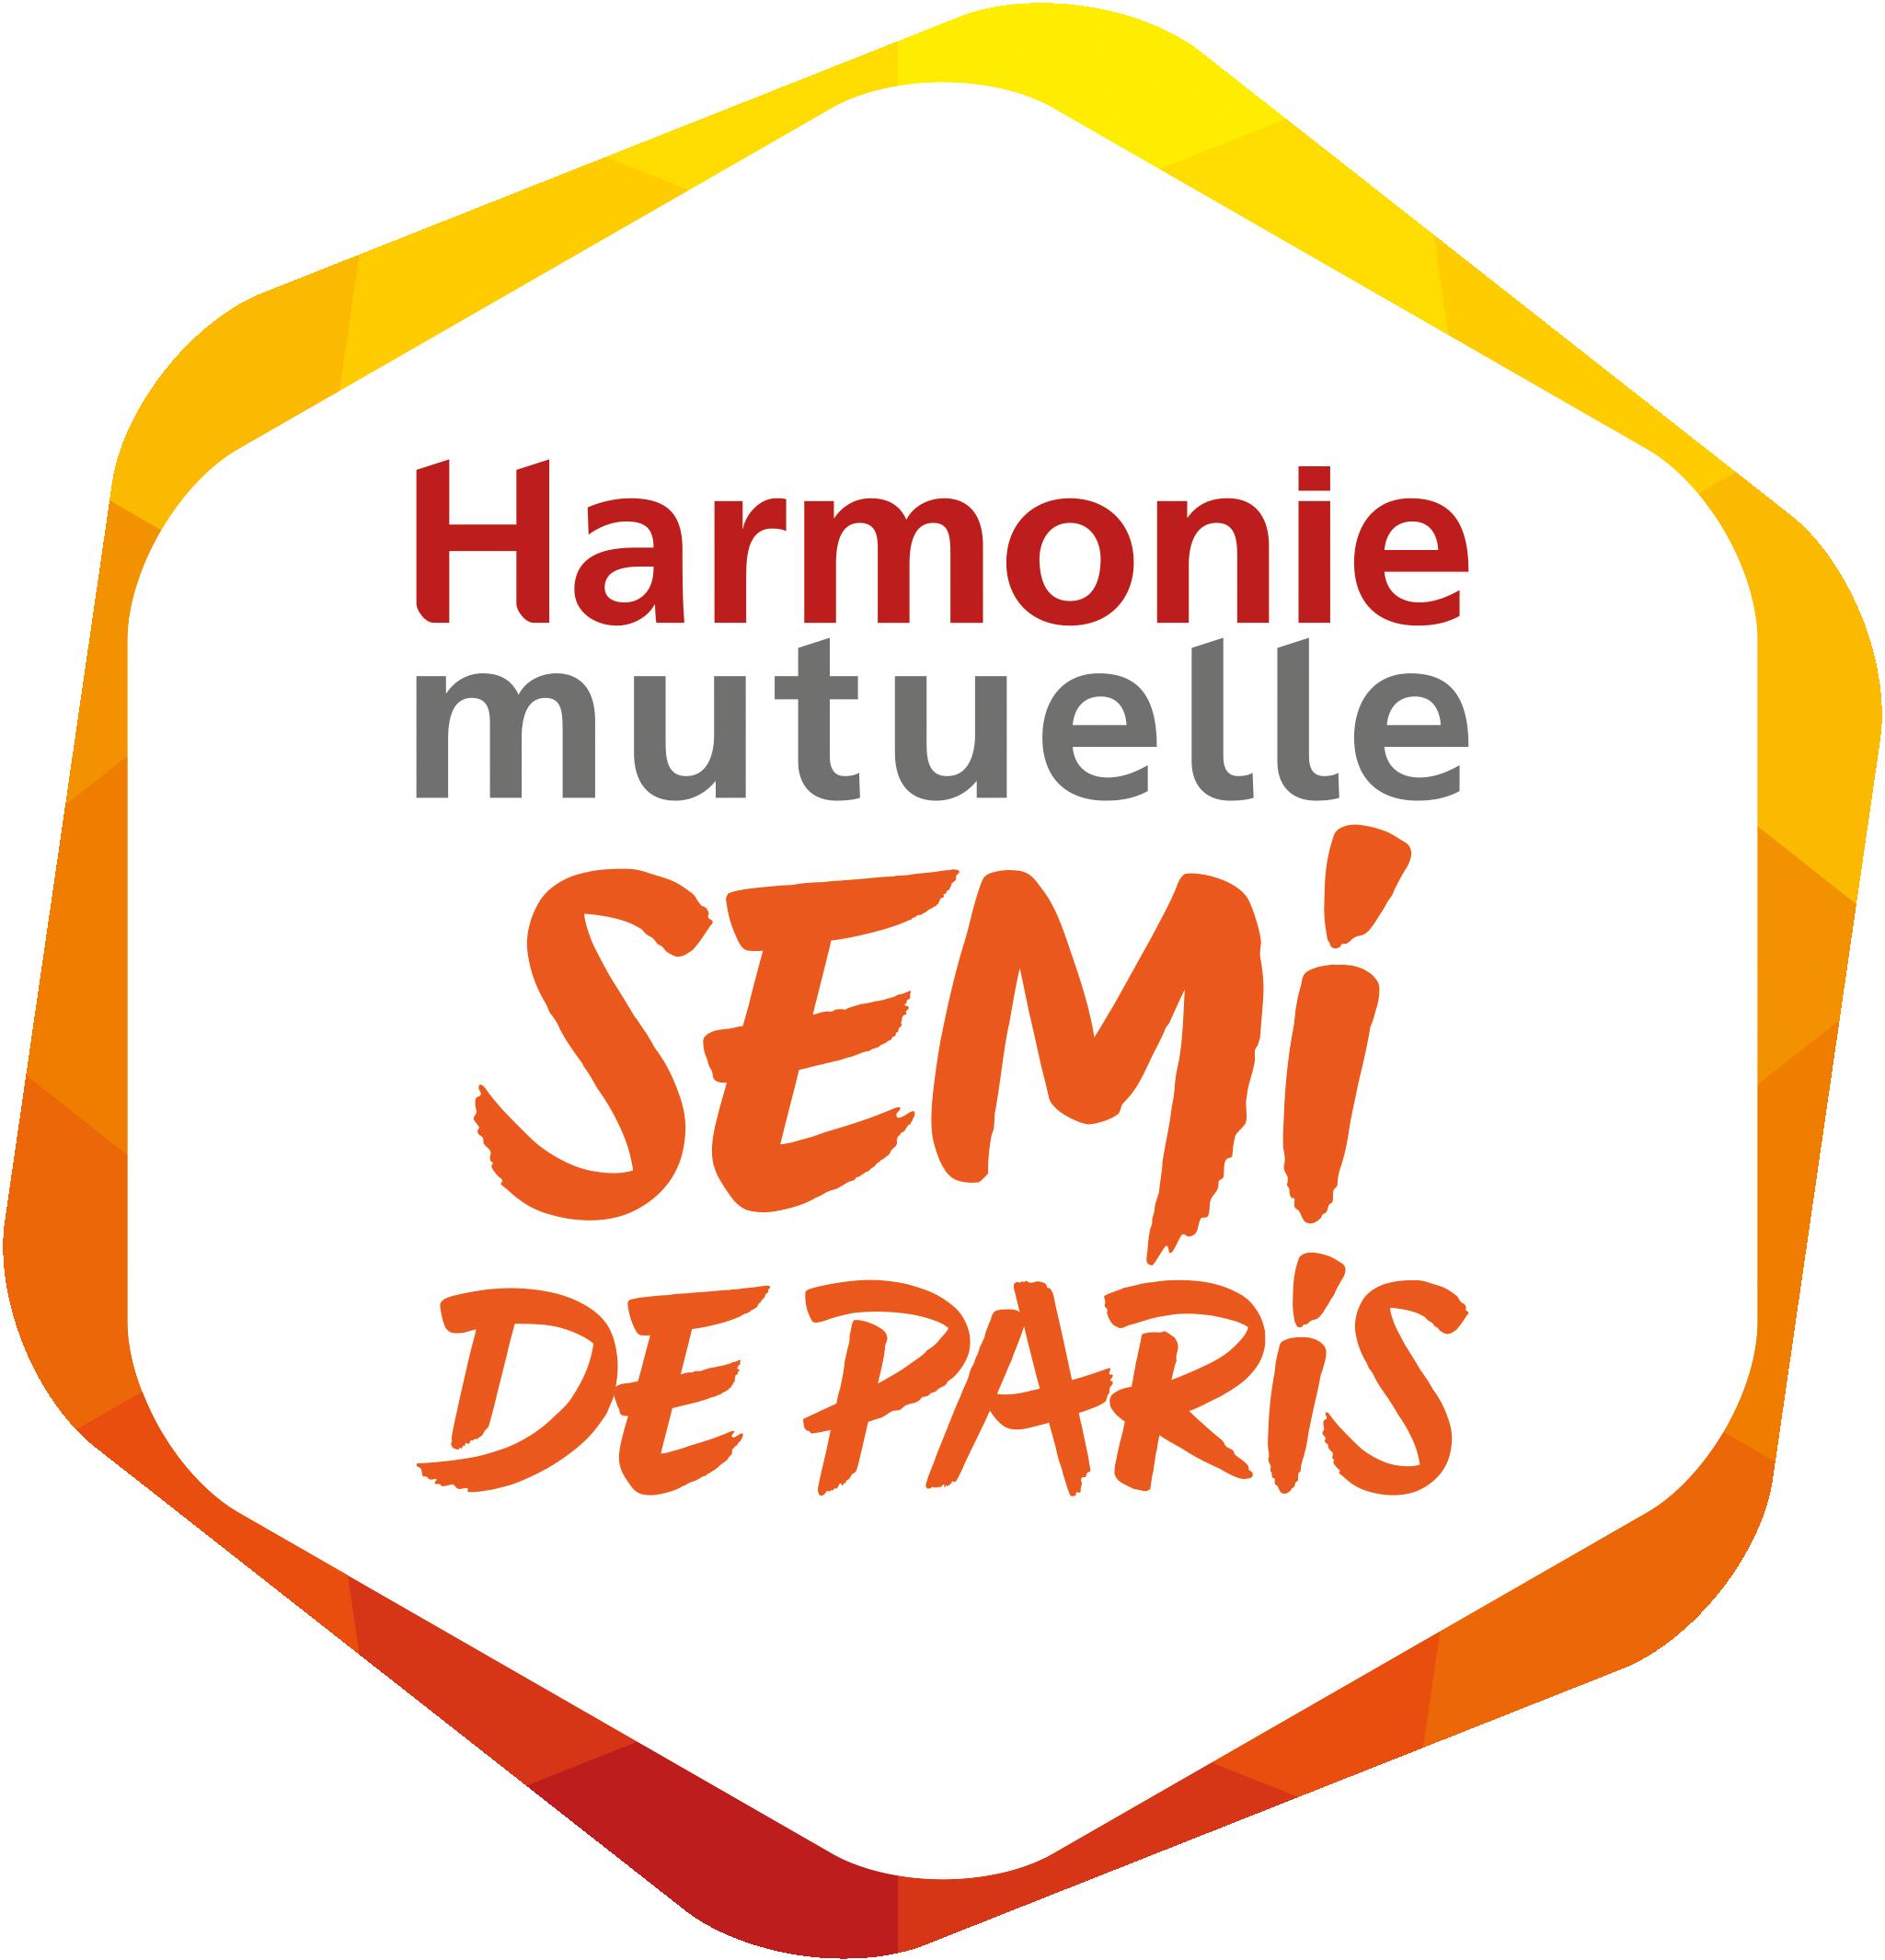 Préparation au Harmonie Mutuelle Semi de Paris 2021